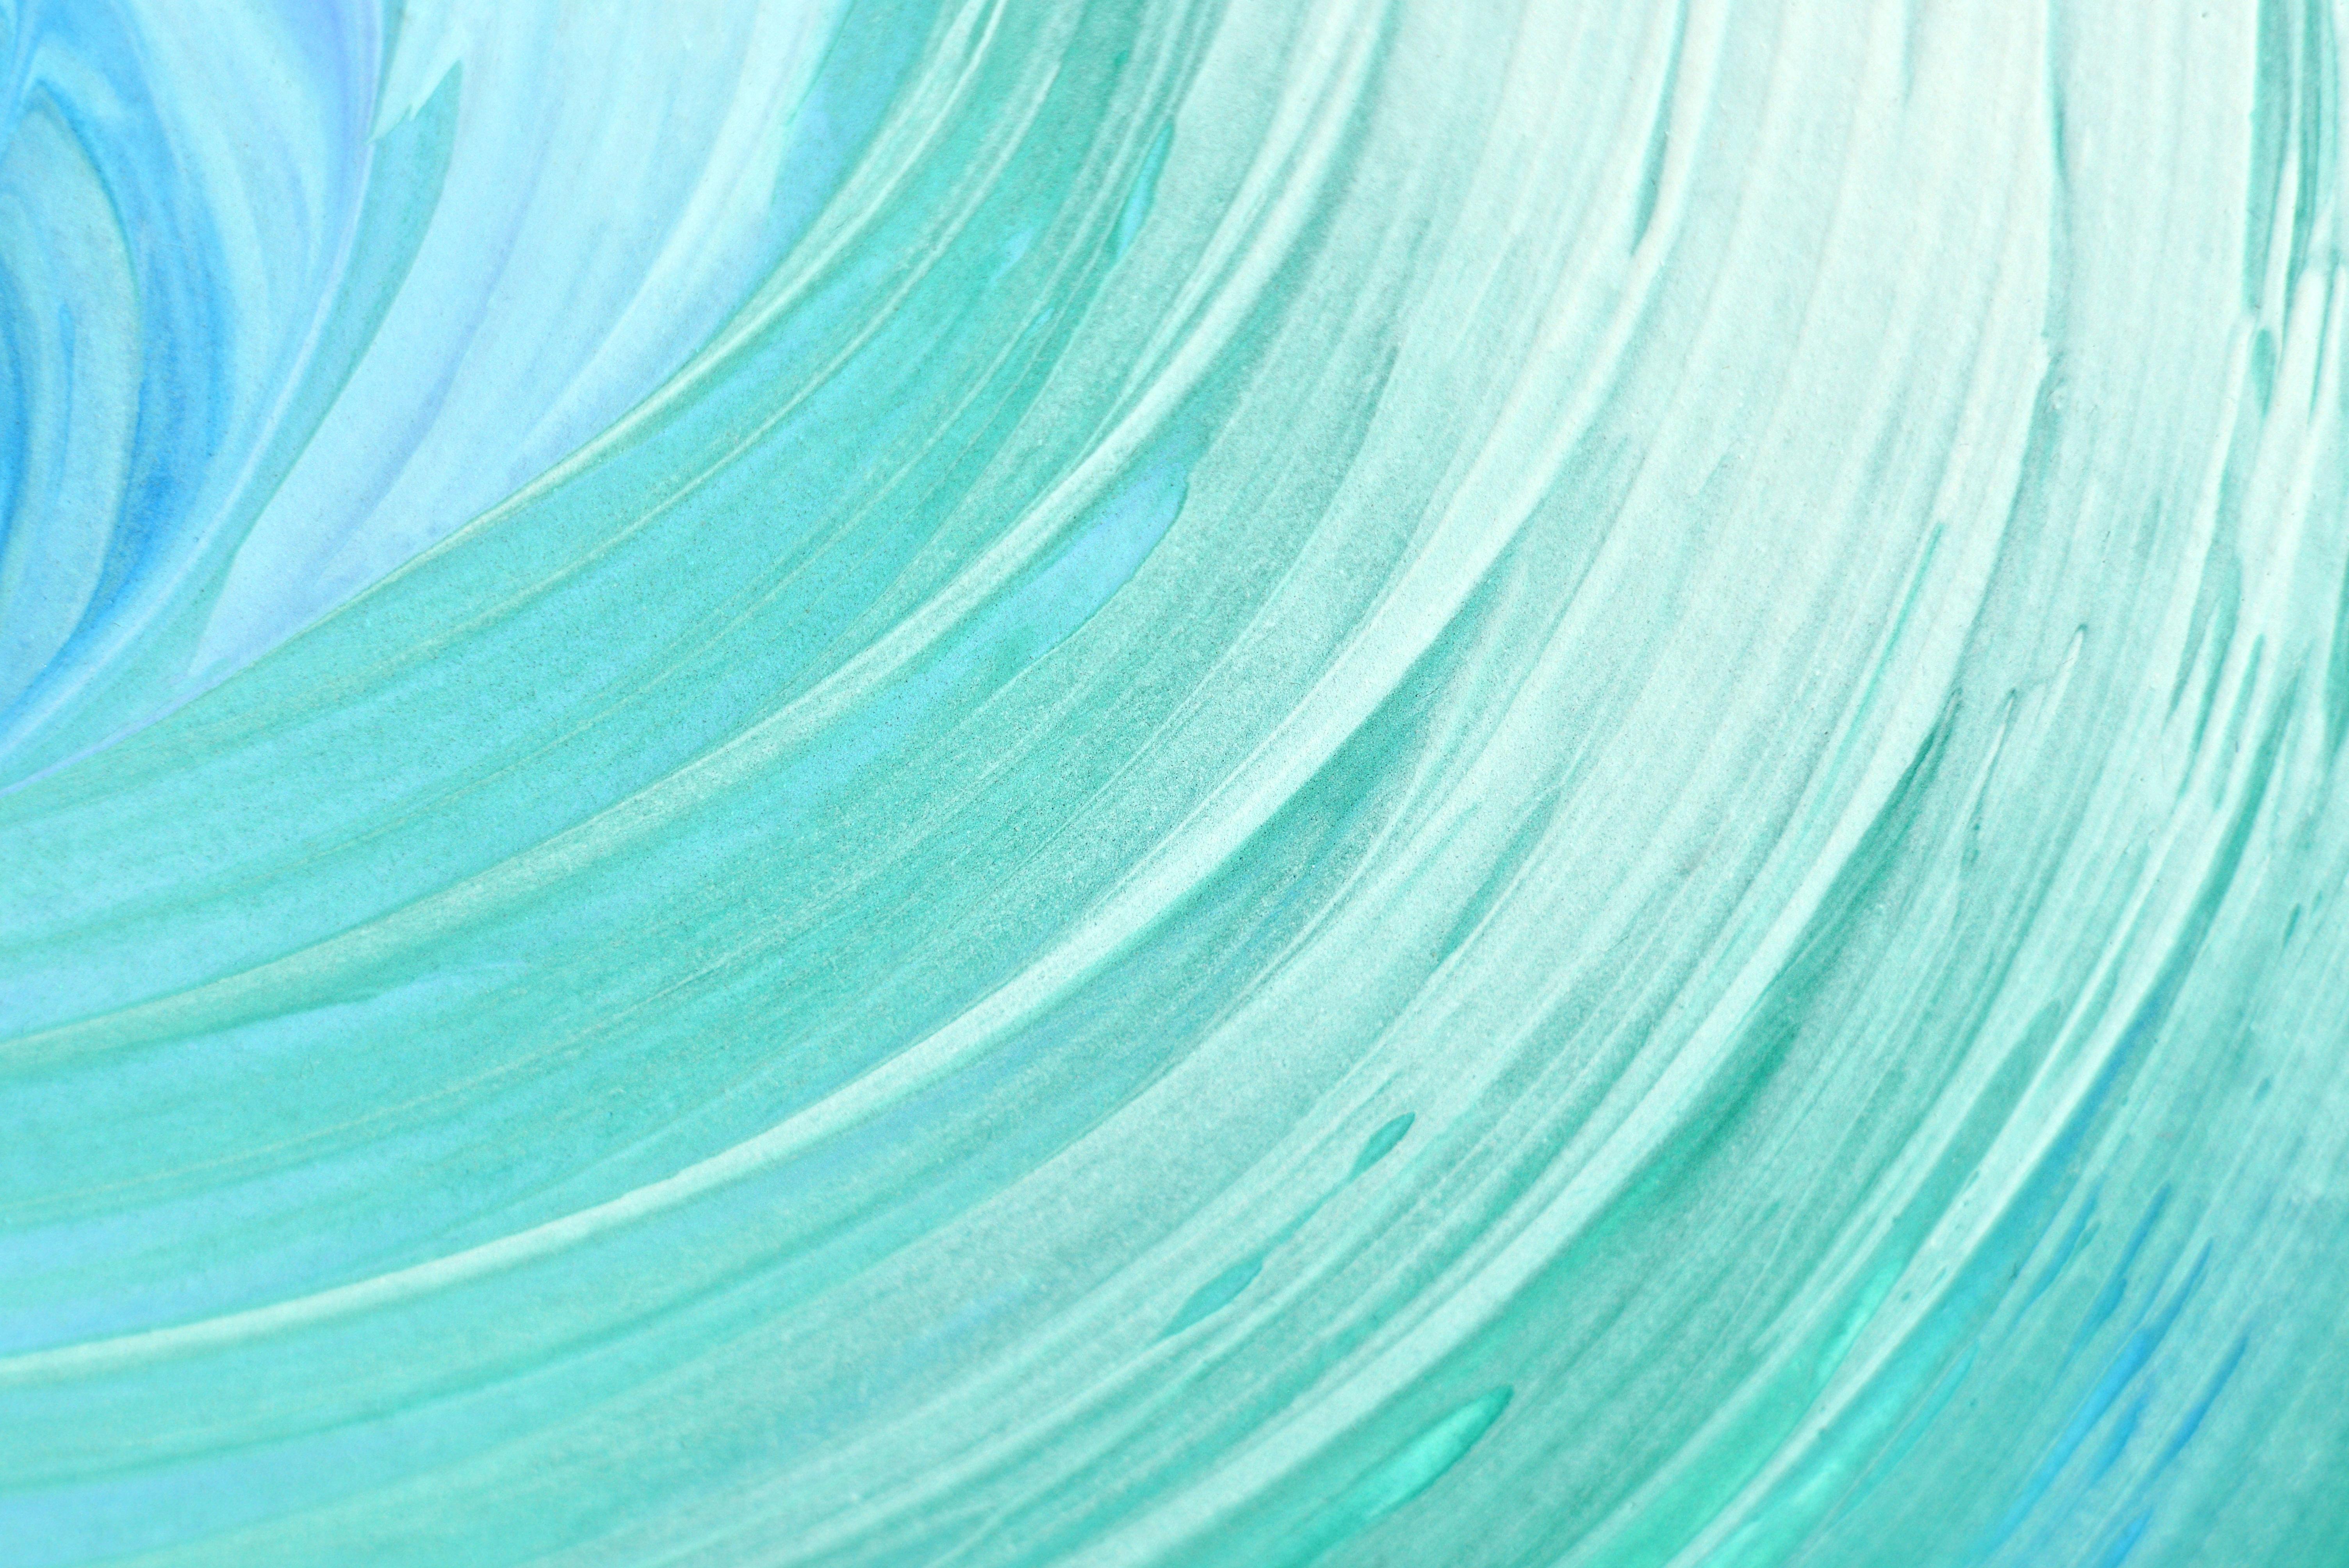 Fotos gratis oceano difuminar abstracto textura ola for Pintura azul turquesa